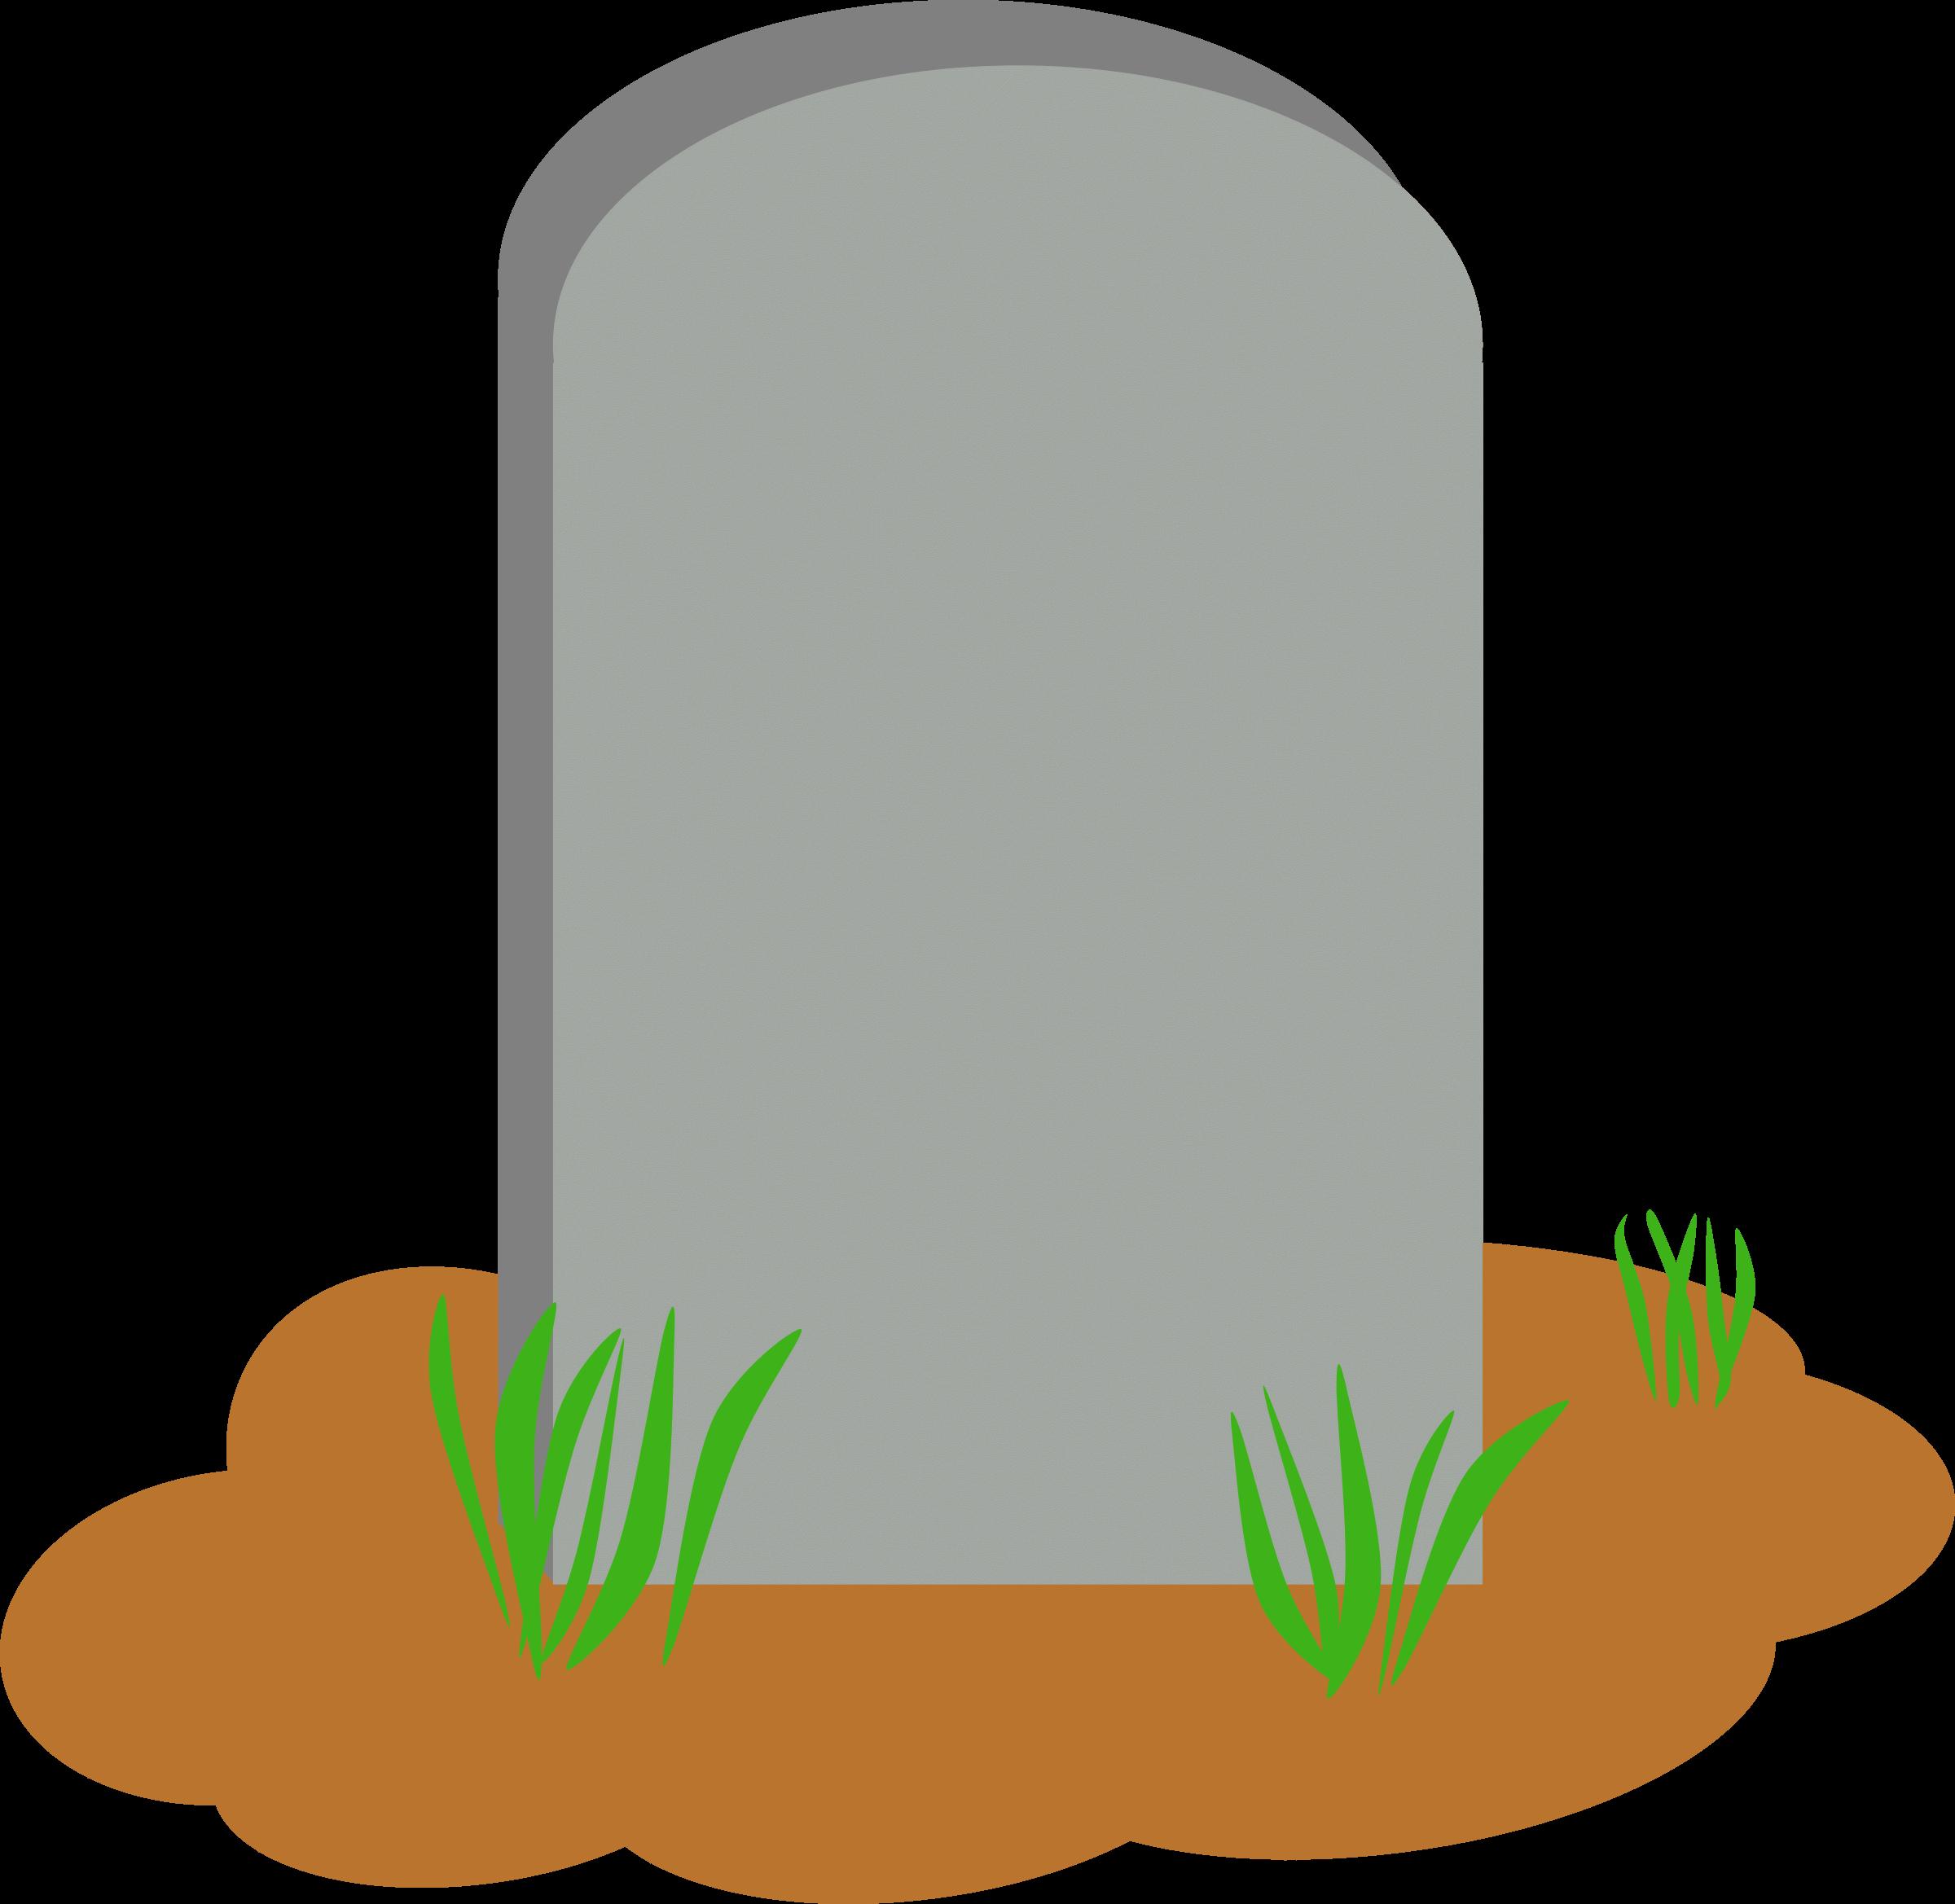 Cemetery clipart gravesite. Free headstone grave cliparts